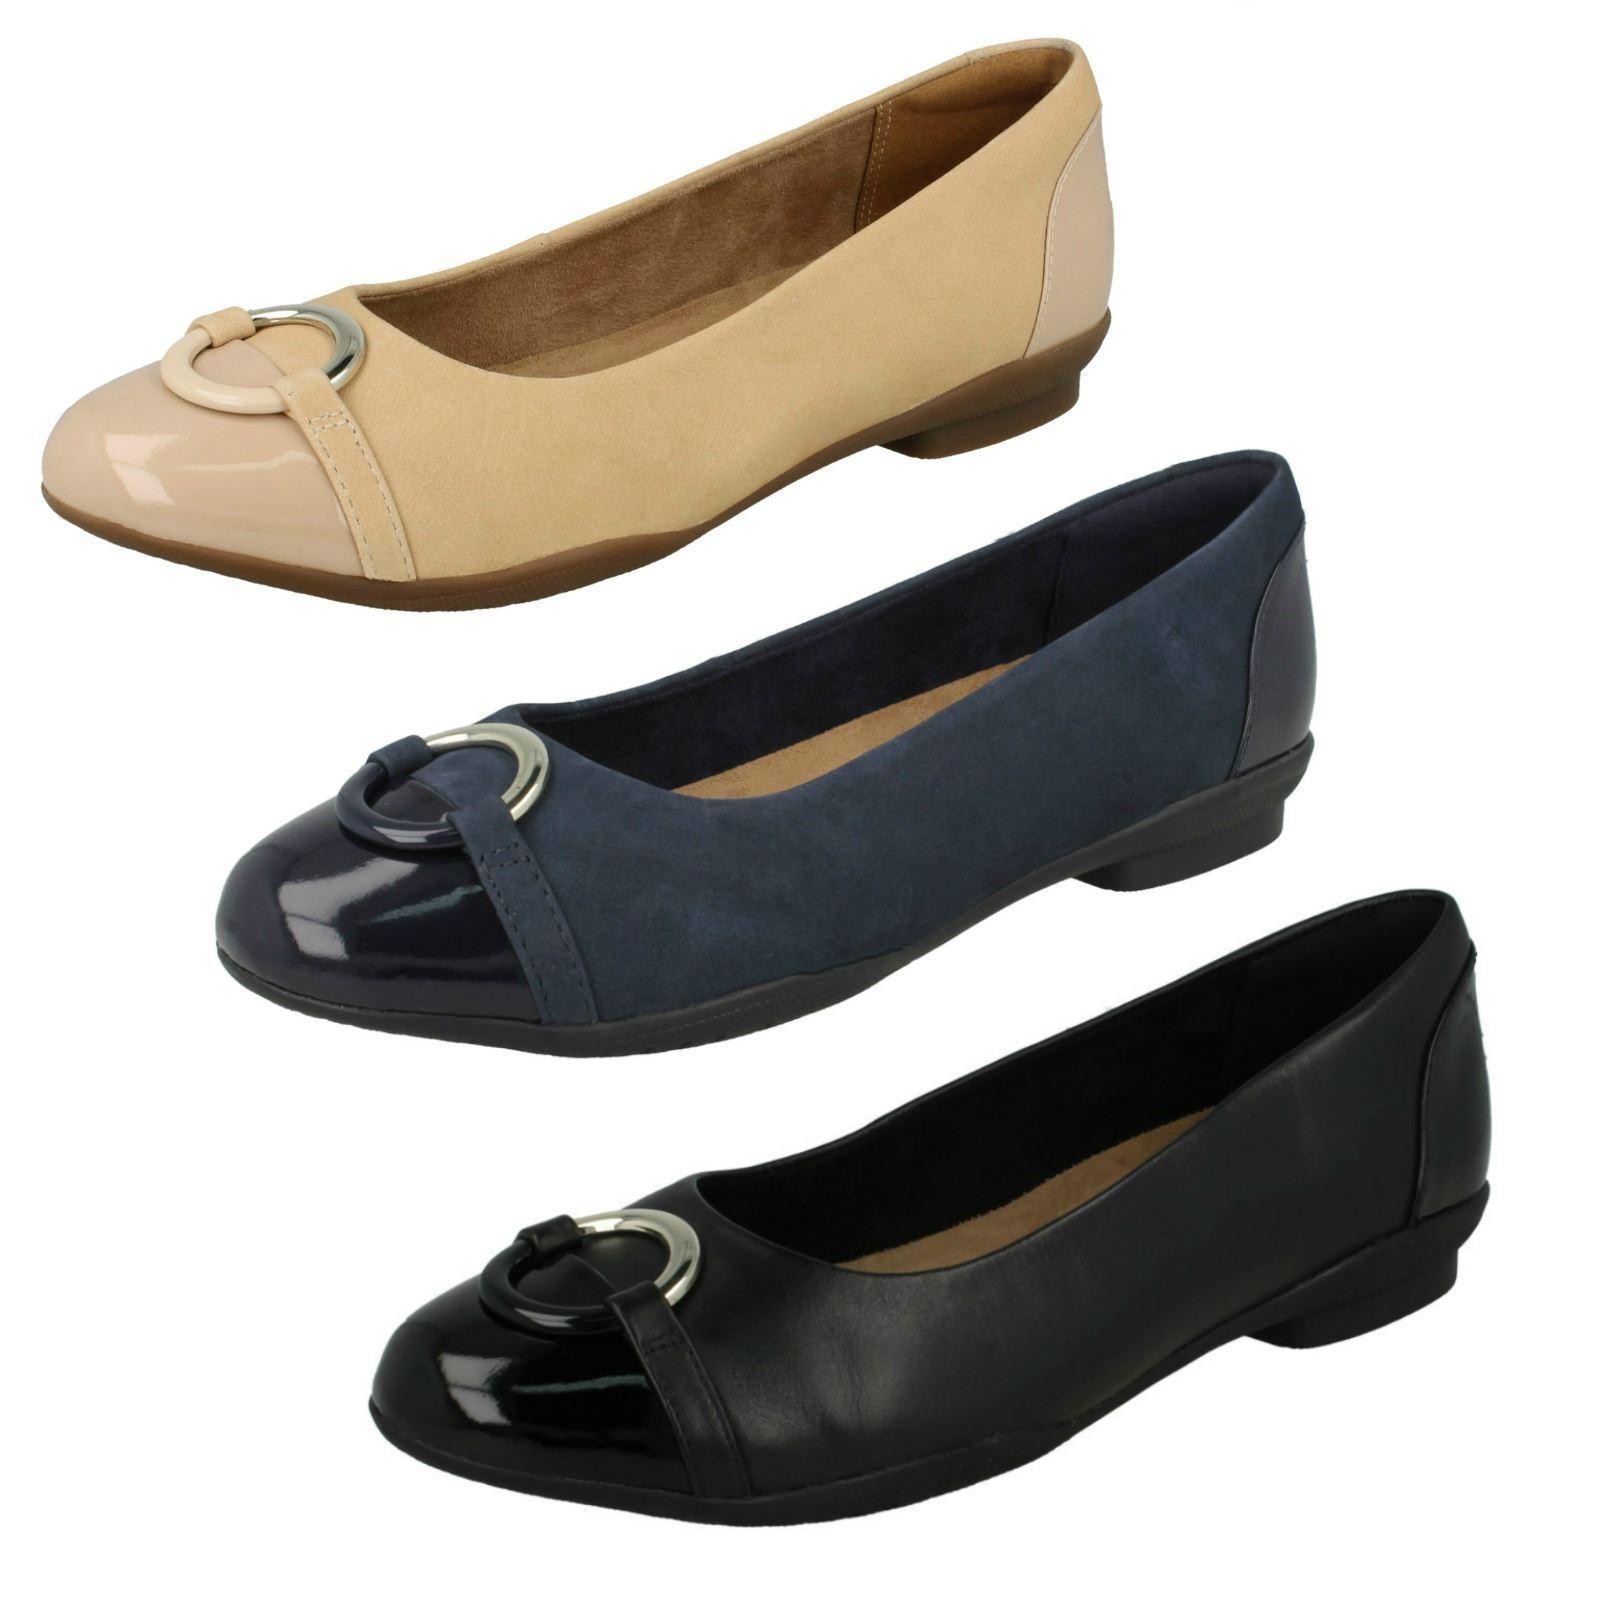 Femmes Clarks Unstructurouge Marine Cuir Noir sans Lacets Chaussures Plates Neenah